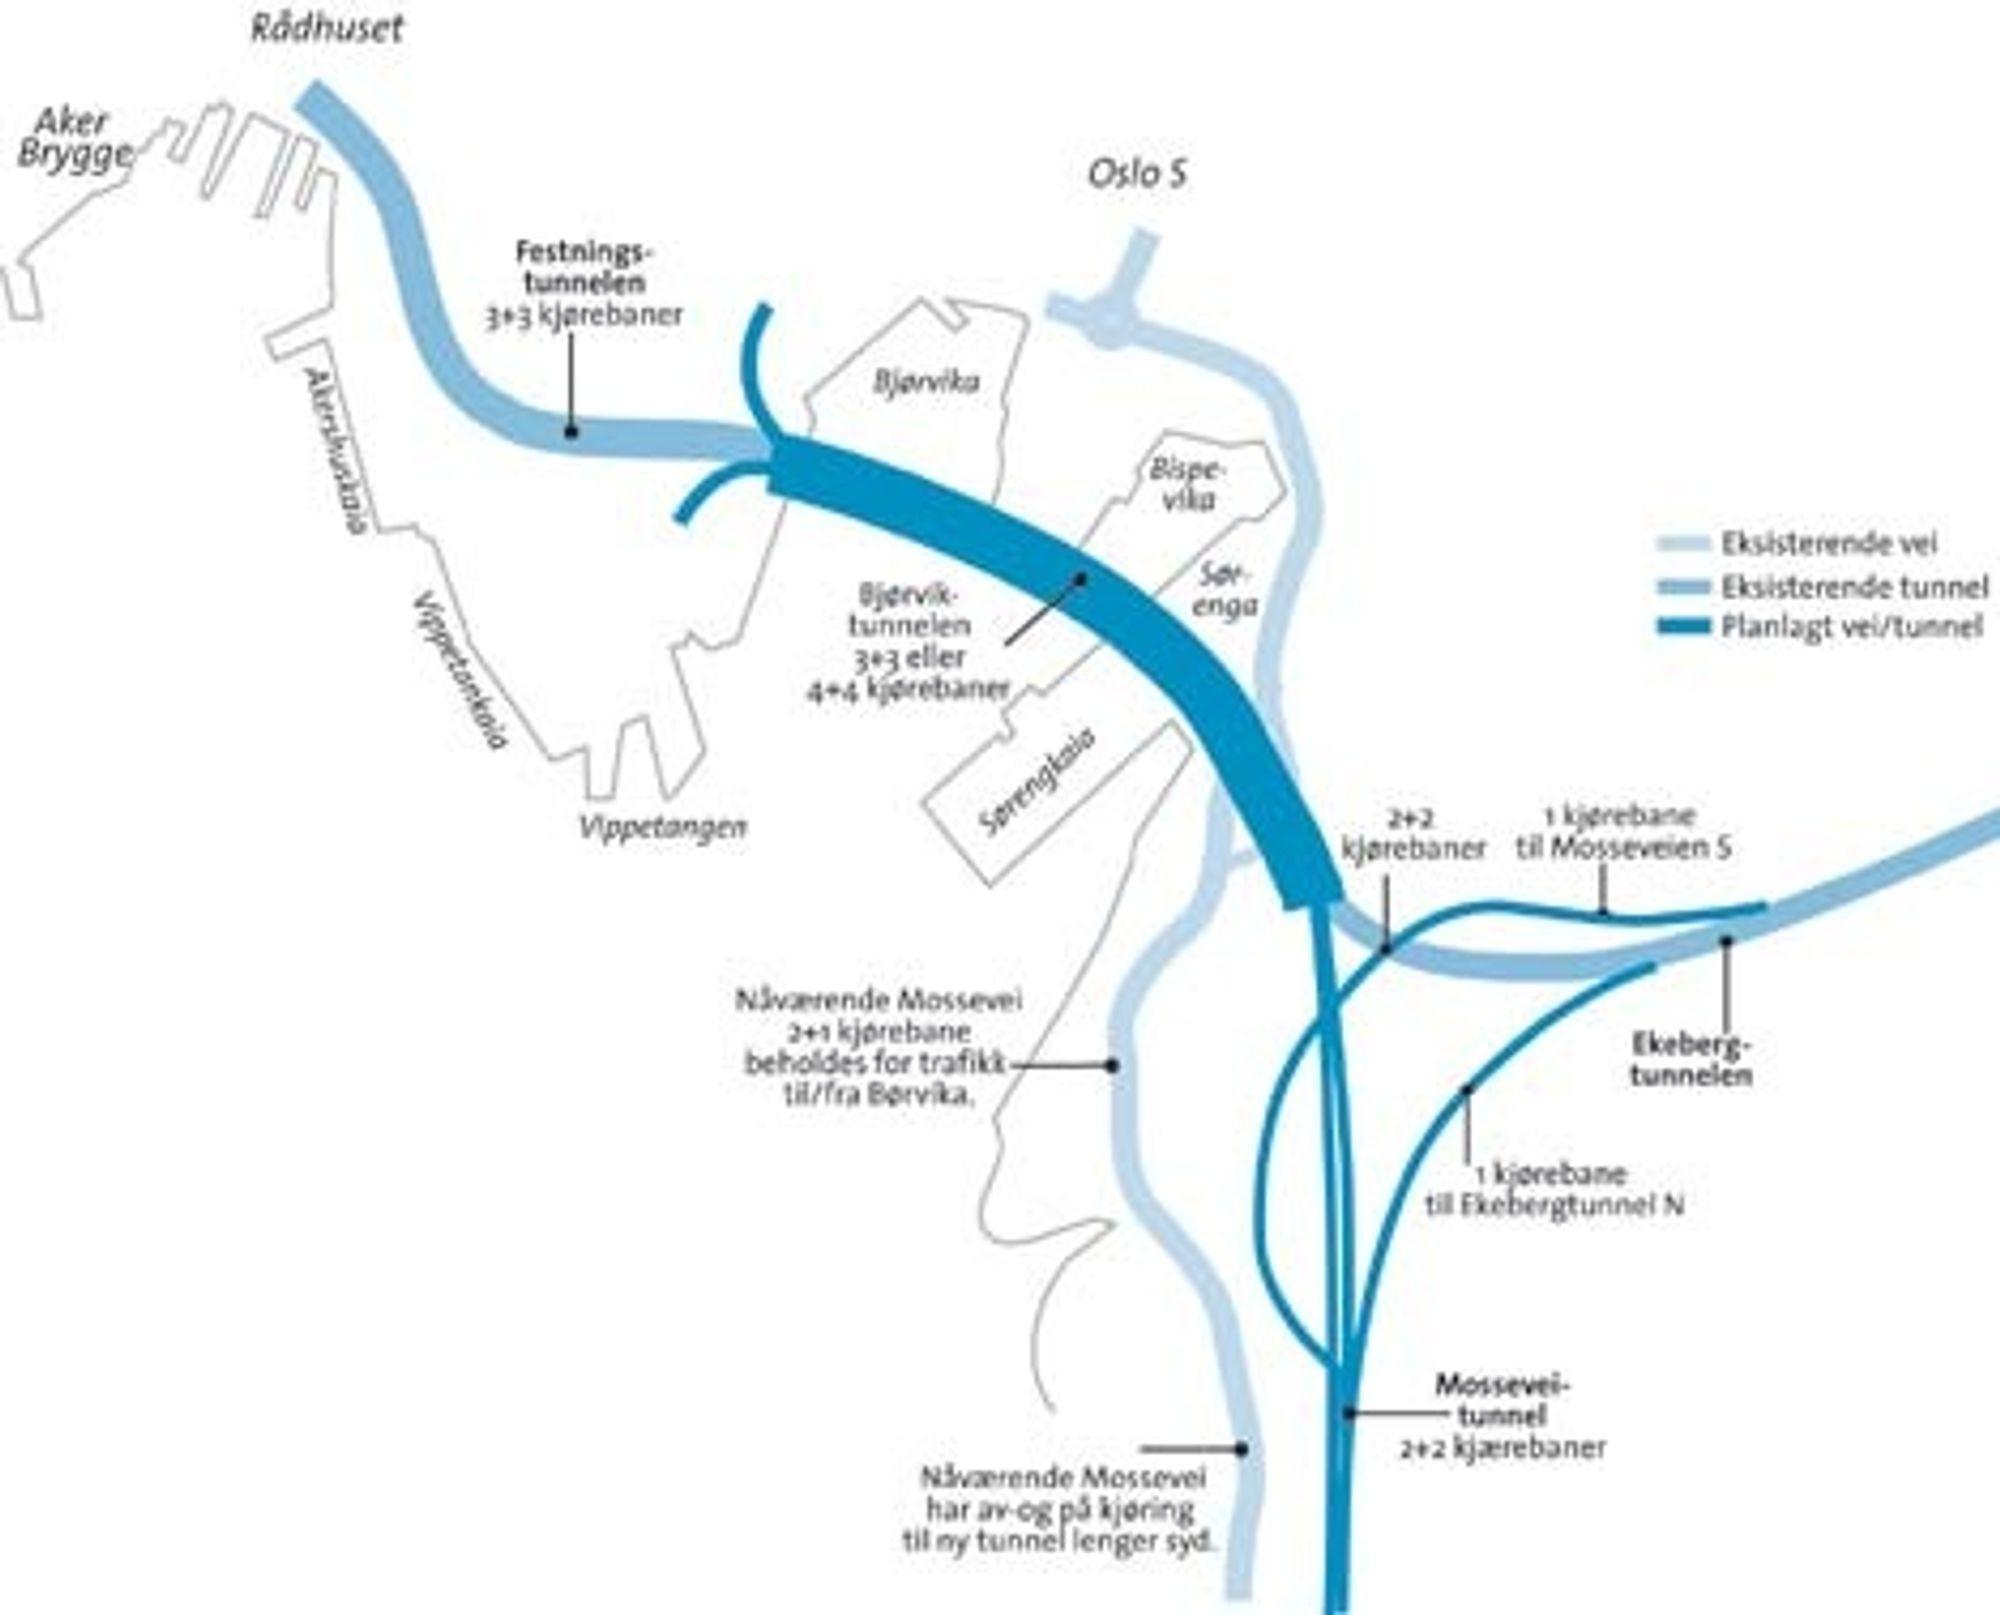 Kart illustrasjon over veisystemet i og rundt Bjørvika - planlagt og ønsket.